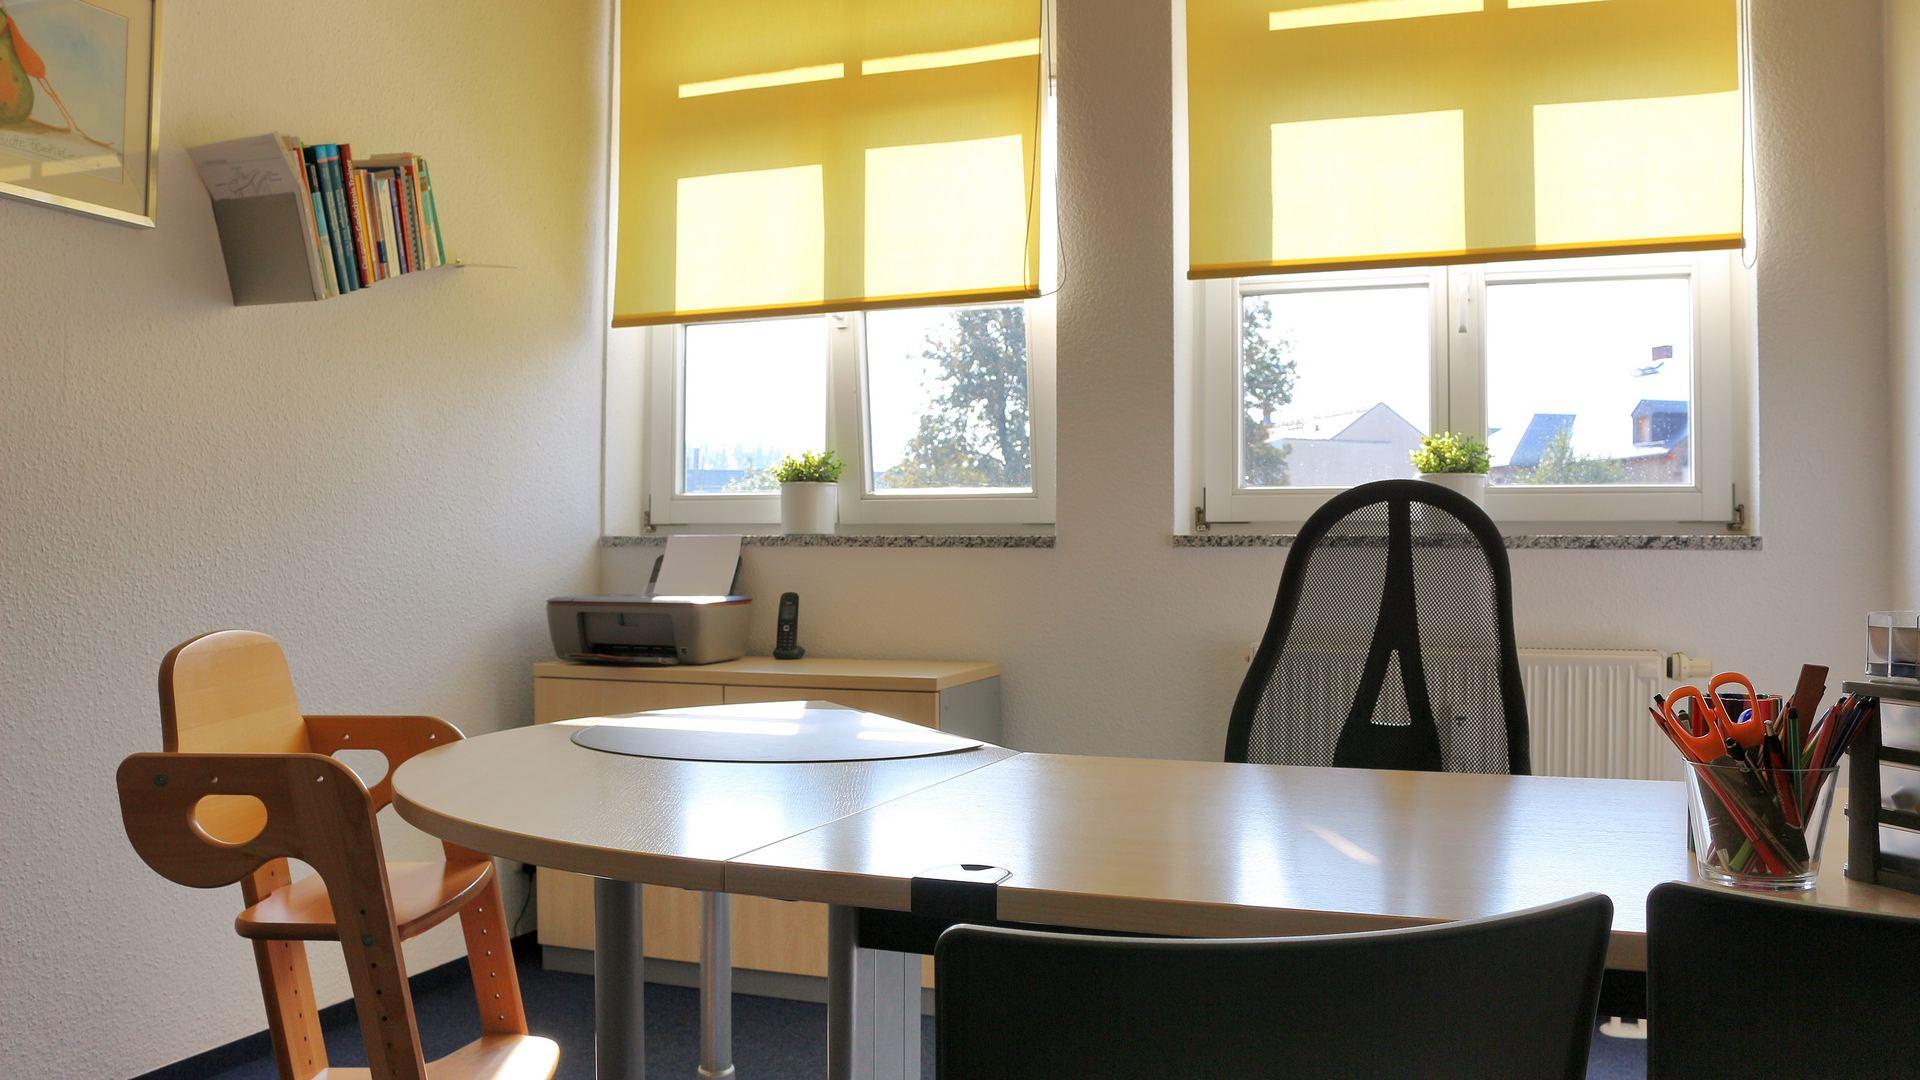 Praxis für Logopädie in Chemnitz Zimmer 4